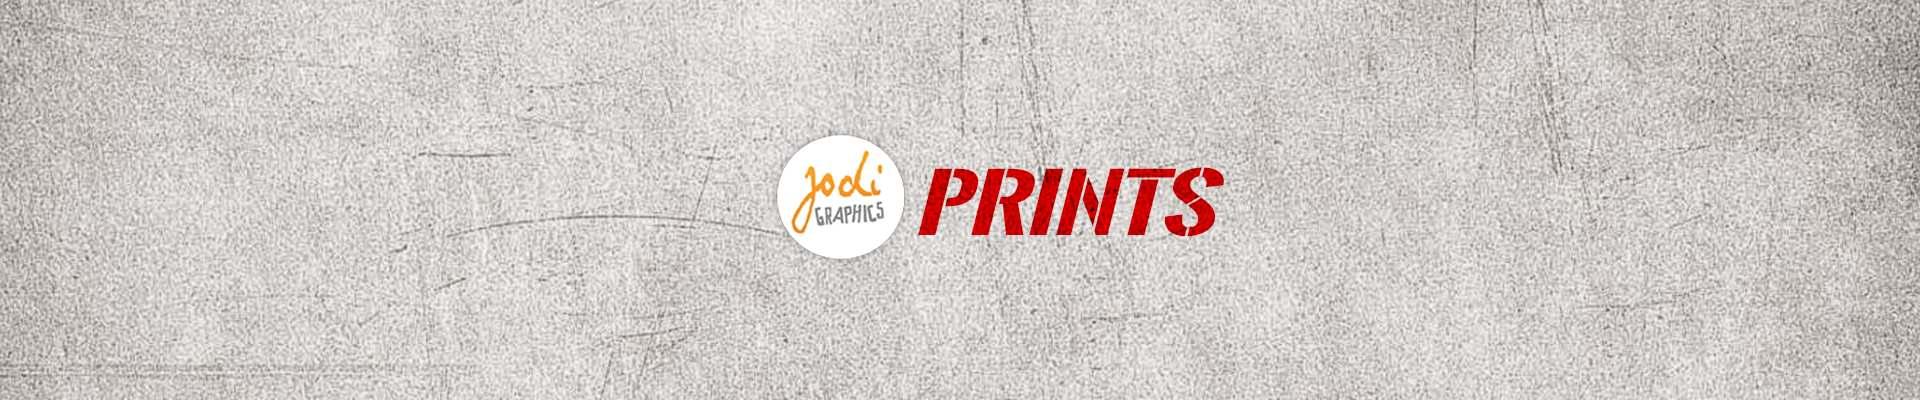 JODI-PRINTS